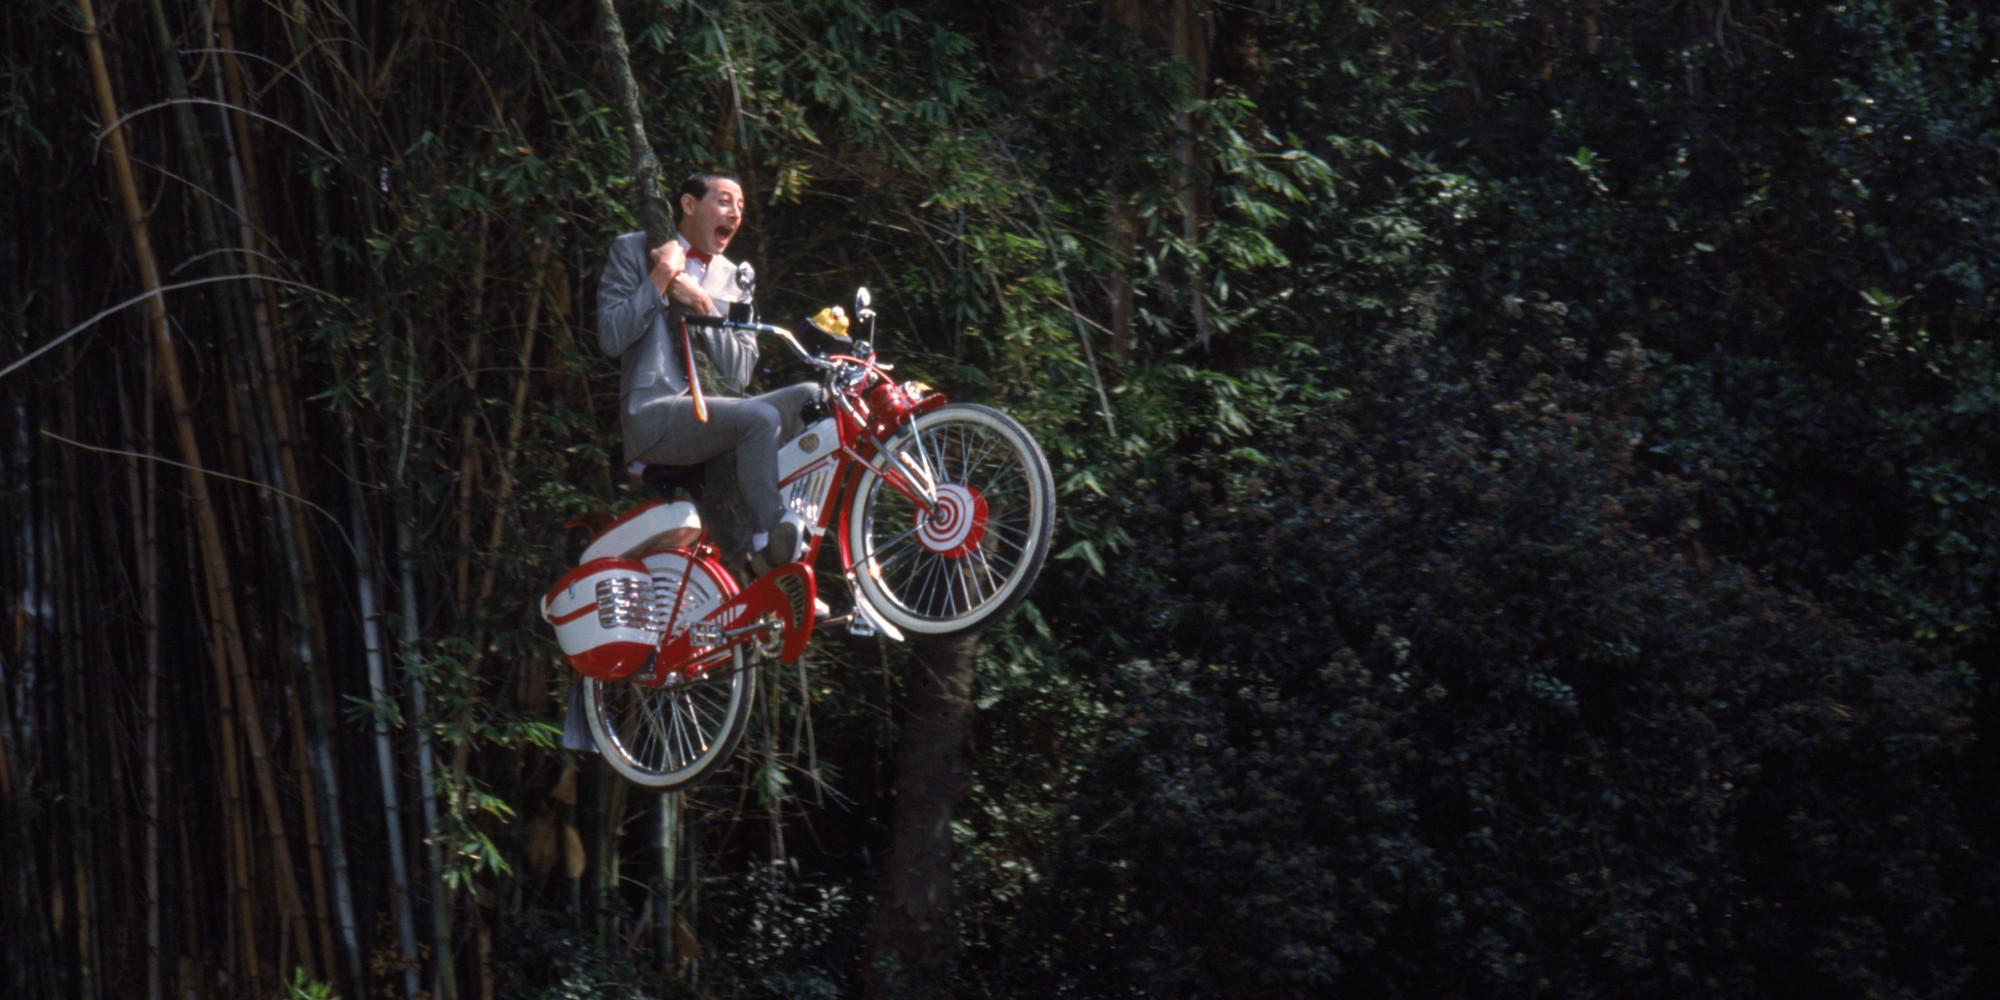 Pee wee hermans bike